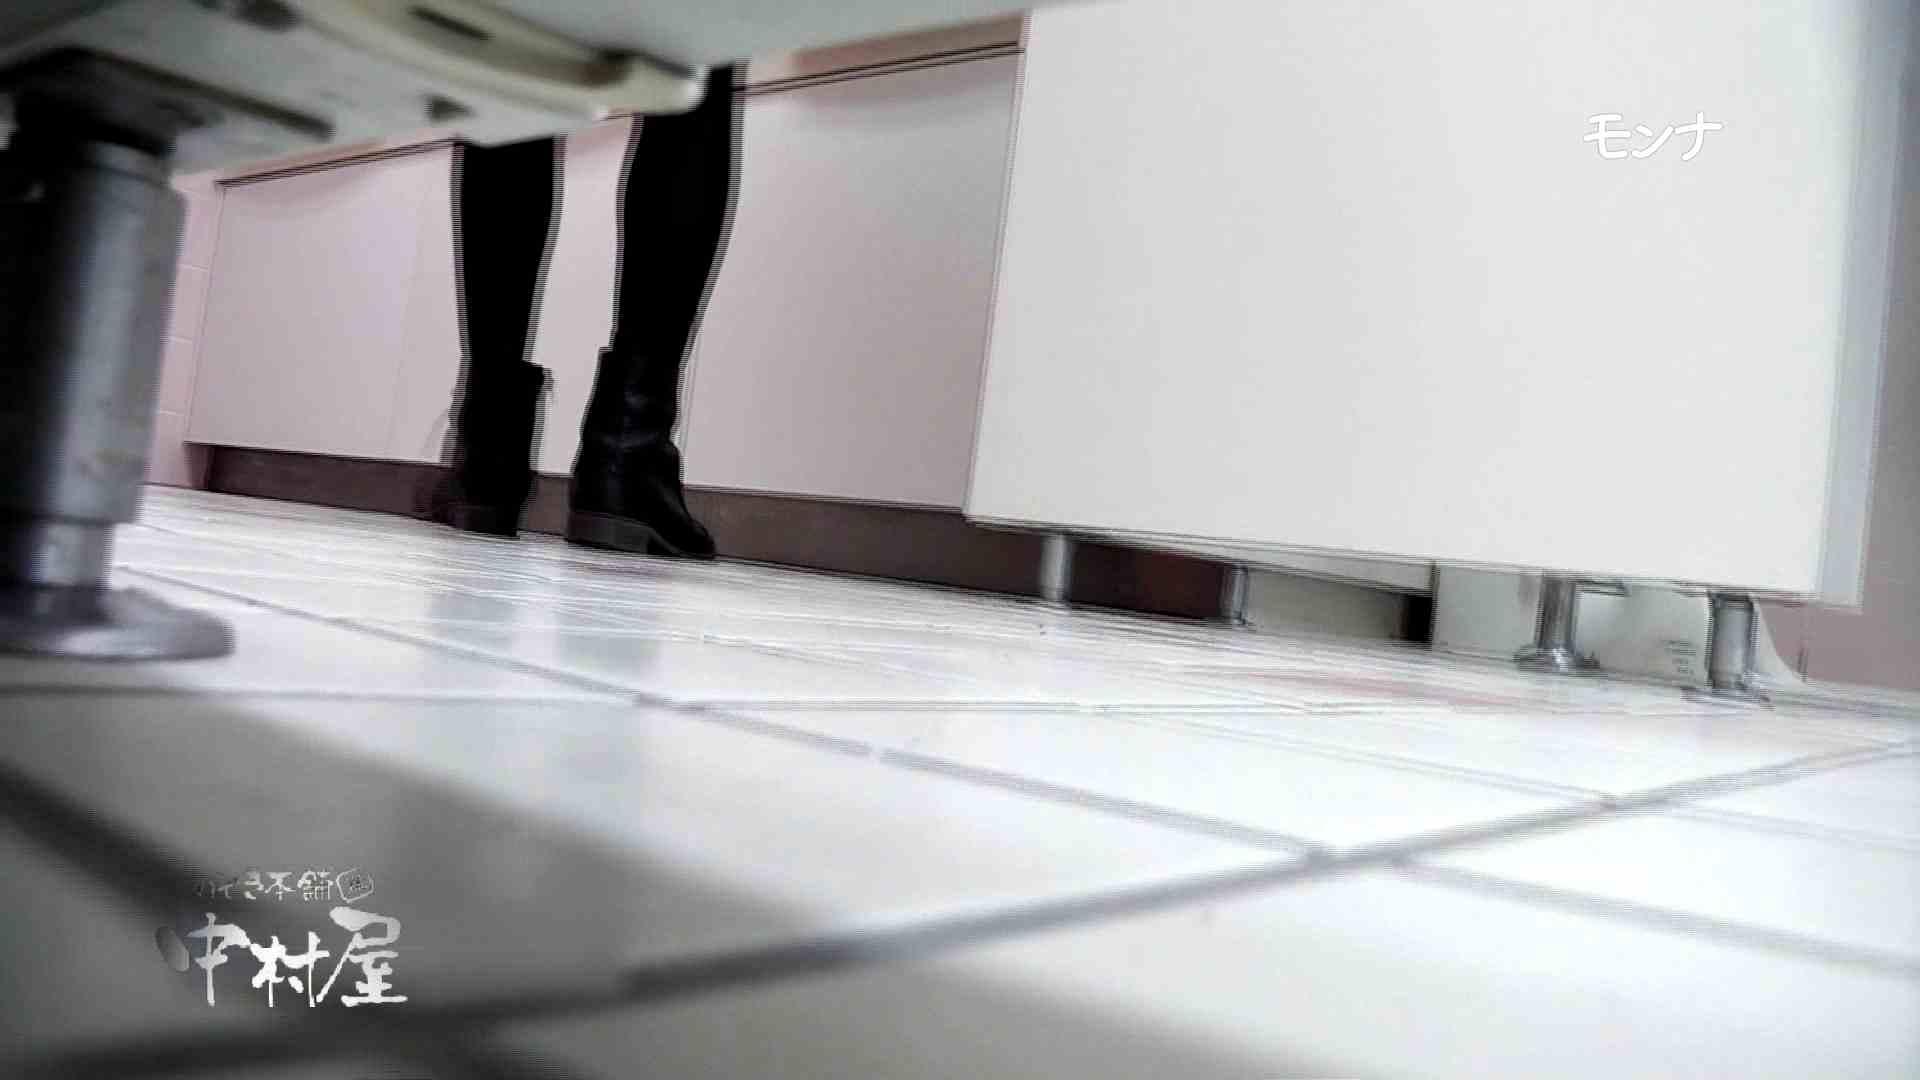 【美しい日本の未来】新学期!!下半身中心に攻めてます美女可愛い女子悪戯盗satuトイレ後編 悪戯 | 下半身  97pic 51